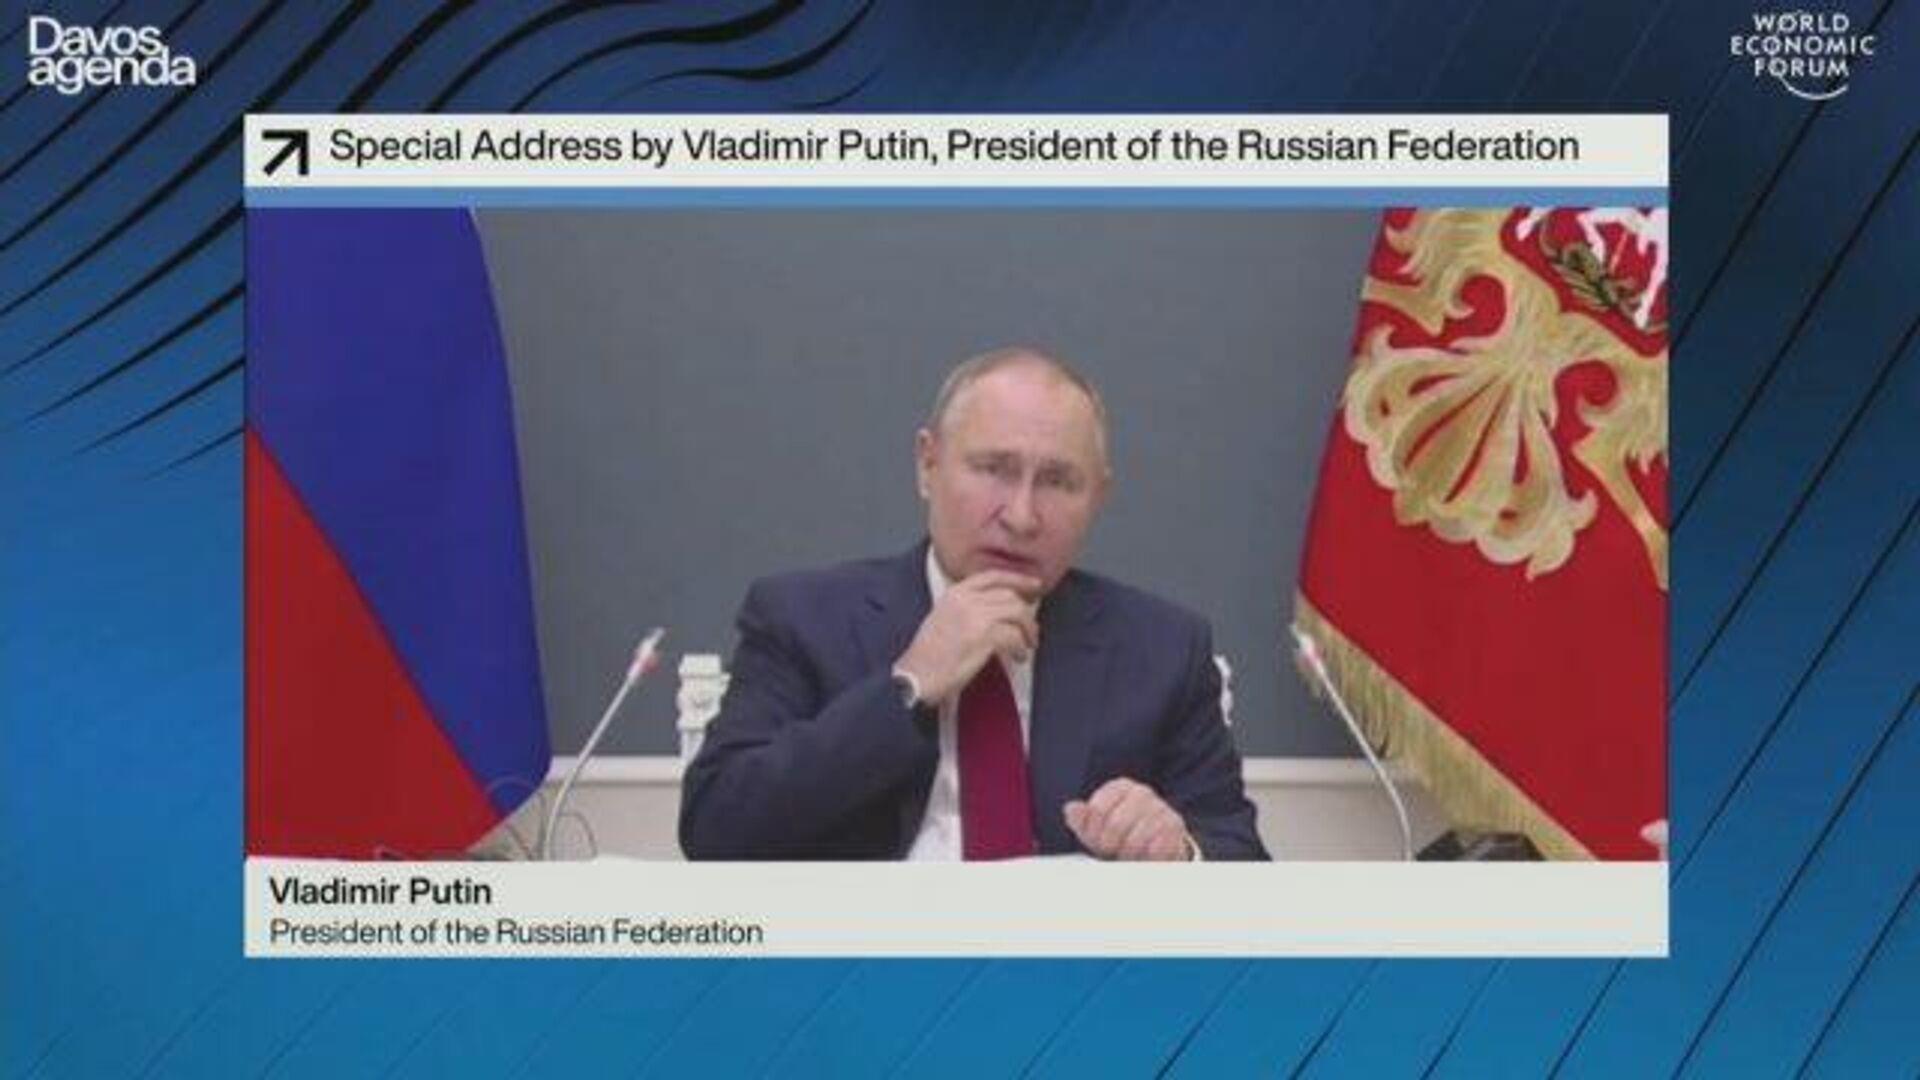 Путин: Наша общая ответственность – избежать перспективы, похожей на мрачную антиутопию - РИА Новости, 1920, 27.01.2021